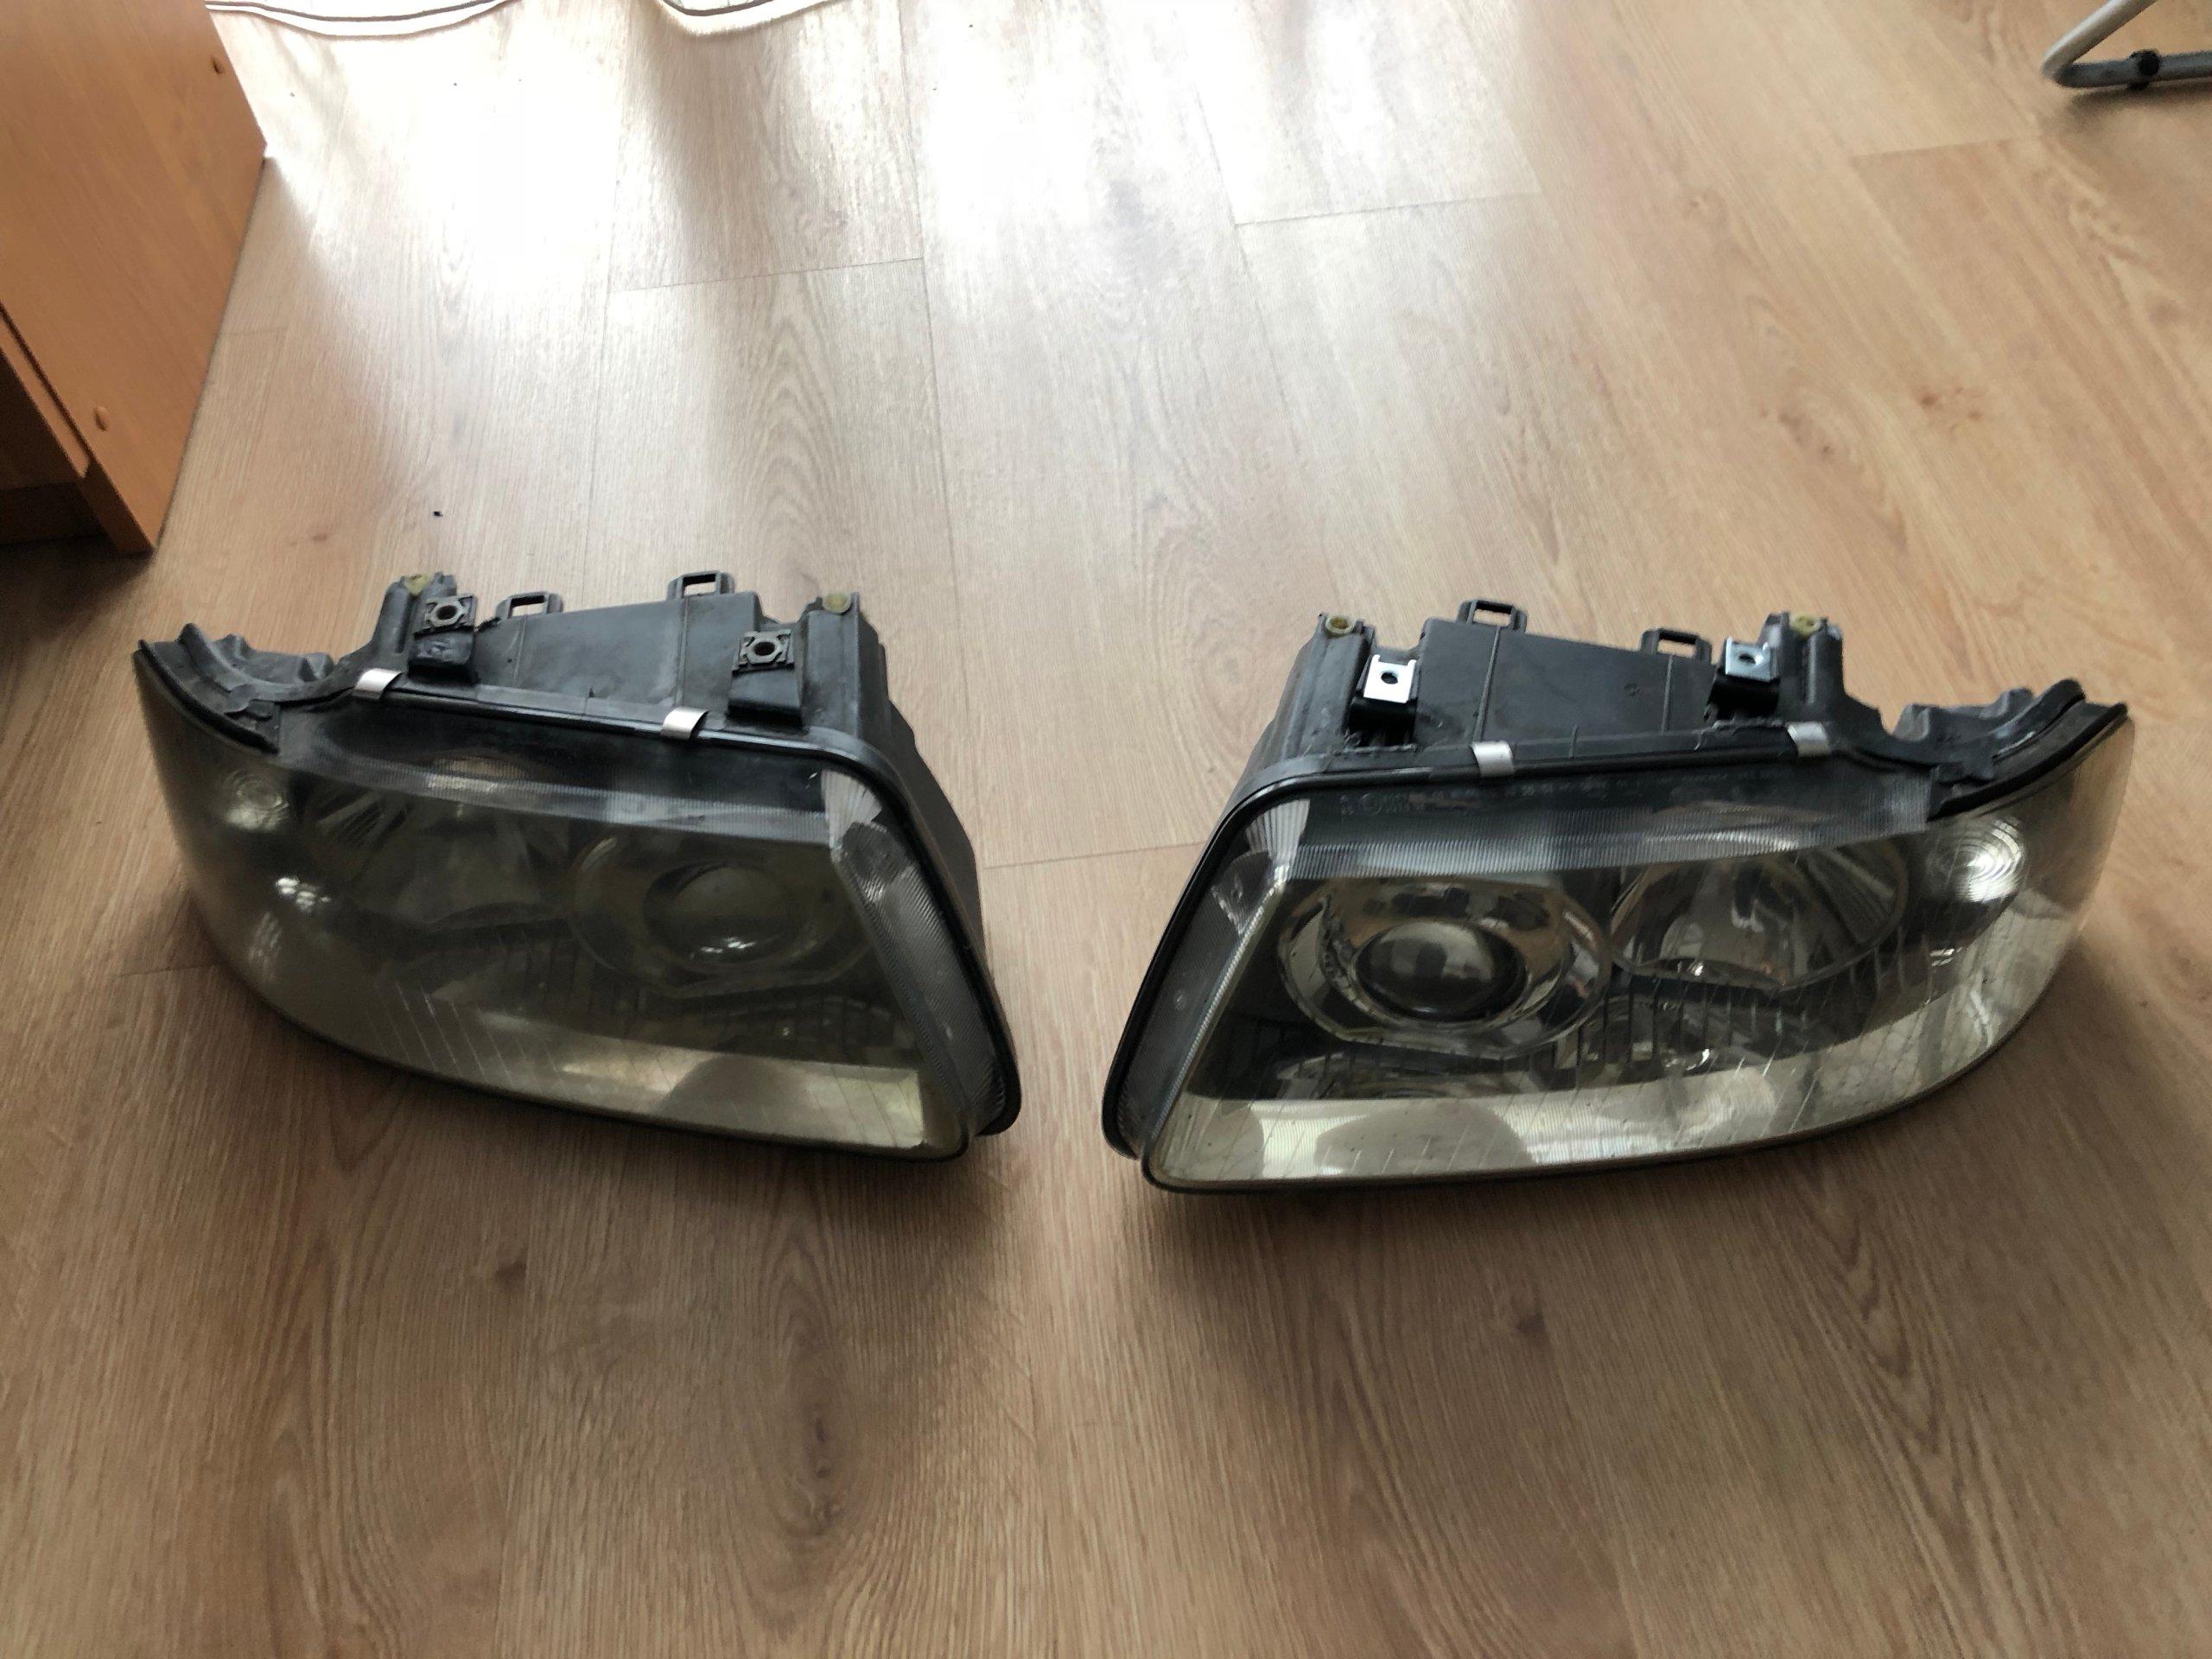 Lampy Przód Hella Audi A3 S3 8l 98 03 Polift 7215274028